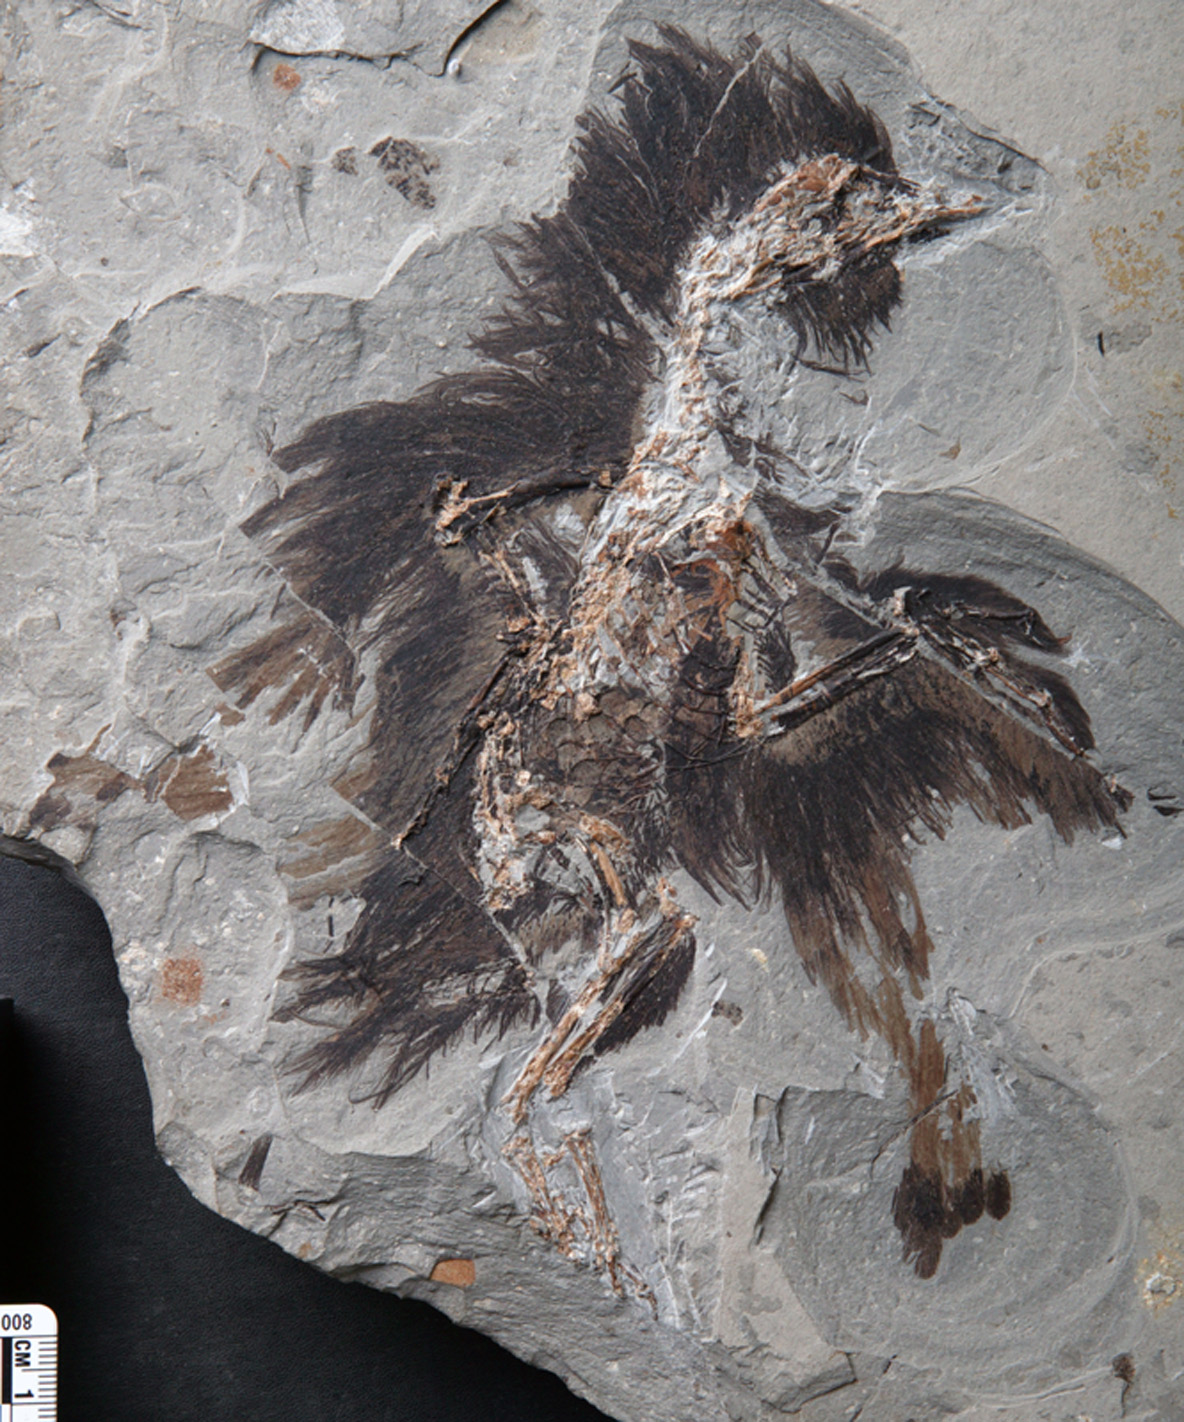 Jeden z nálezů nejlépe zachovaného peří u předchůdce ptáků, pochází rovněž ze  sevení Číny, náleží dinosaurovi Eoconfuciusornis. Je v lepším stavu, než peří  anchiornise, čemuž se nelze moc divit. Je o třicet milionů let mladší. Kredit: Dr. Xiaoli Wa